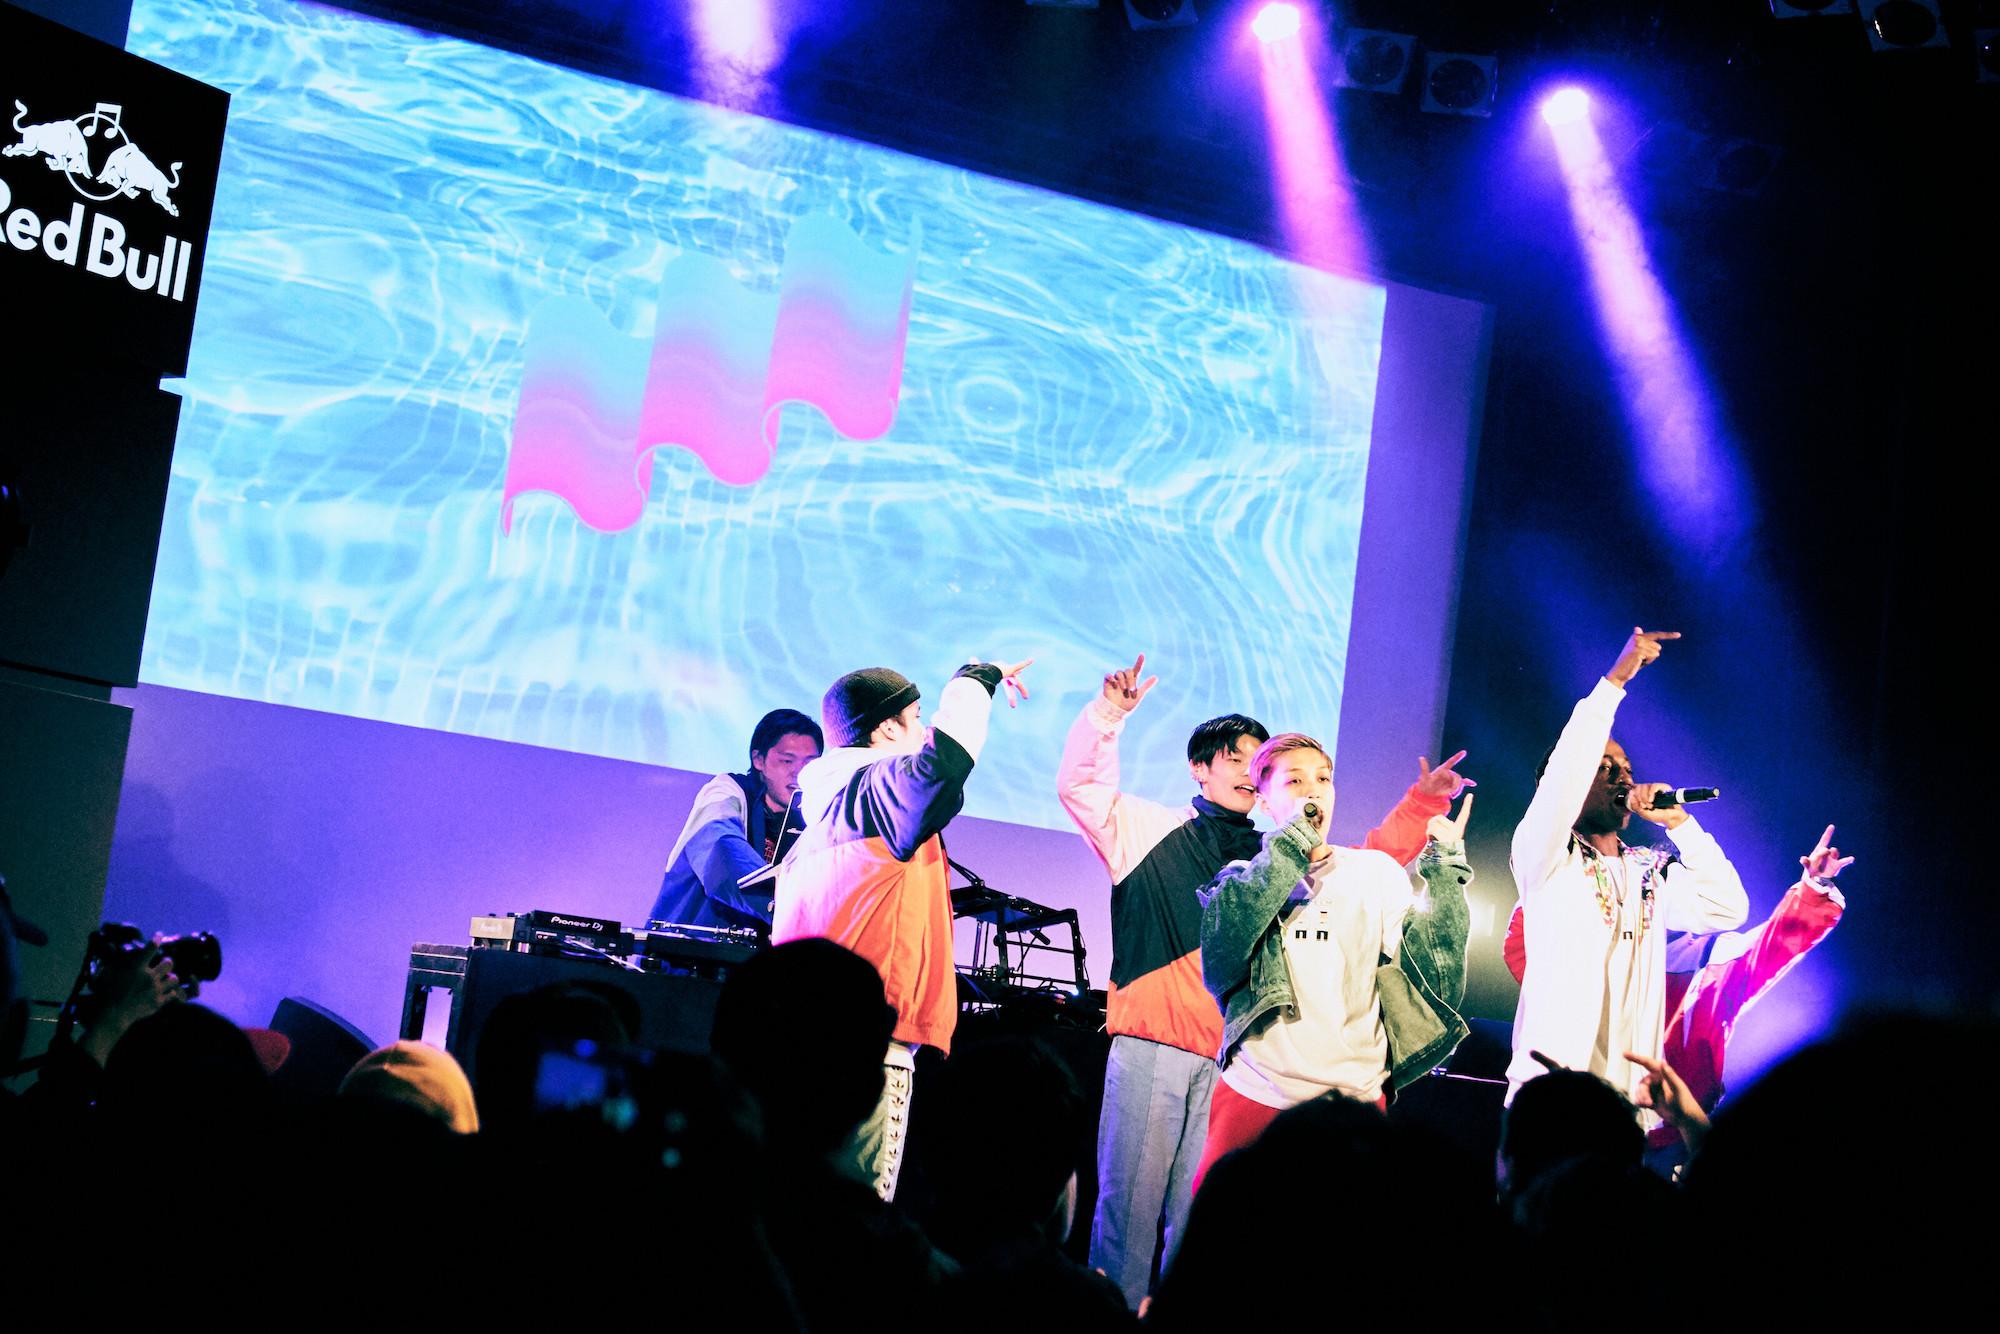 【レポート】RED BULL MUSIC FESTIVAL TOKYO AND 88RISING PRESENT:JAPAN RISING music190412-red-bull-music-festival-tokyo-2019-japan-rising-5